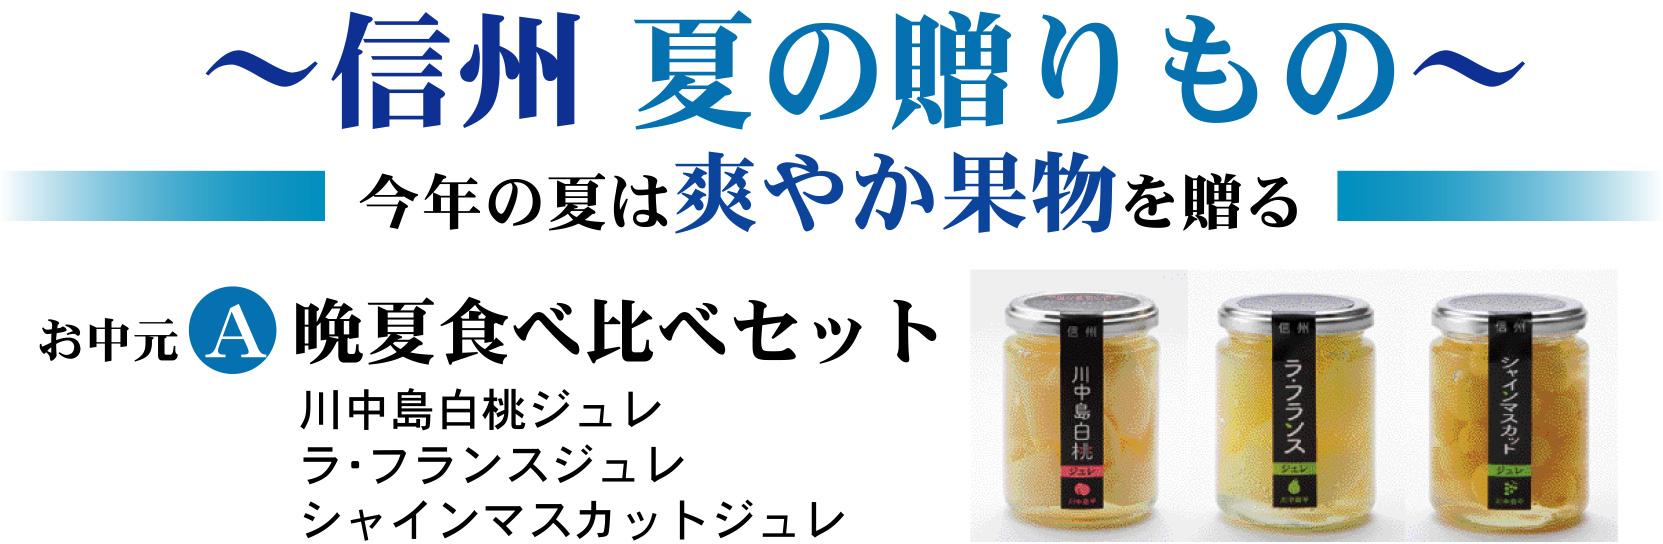 夏にぴったりの贈り物!長野県産100%フルーツジュレ。